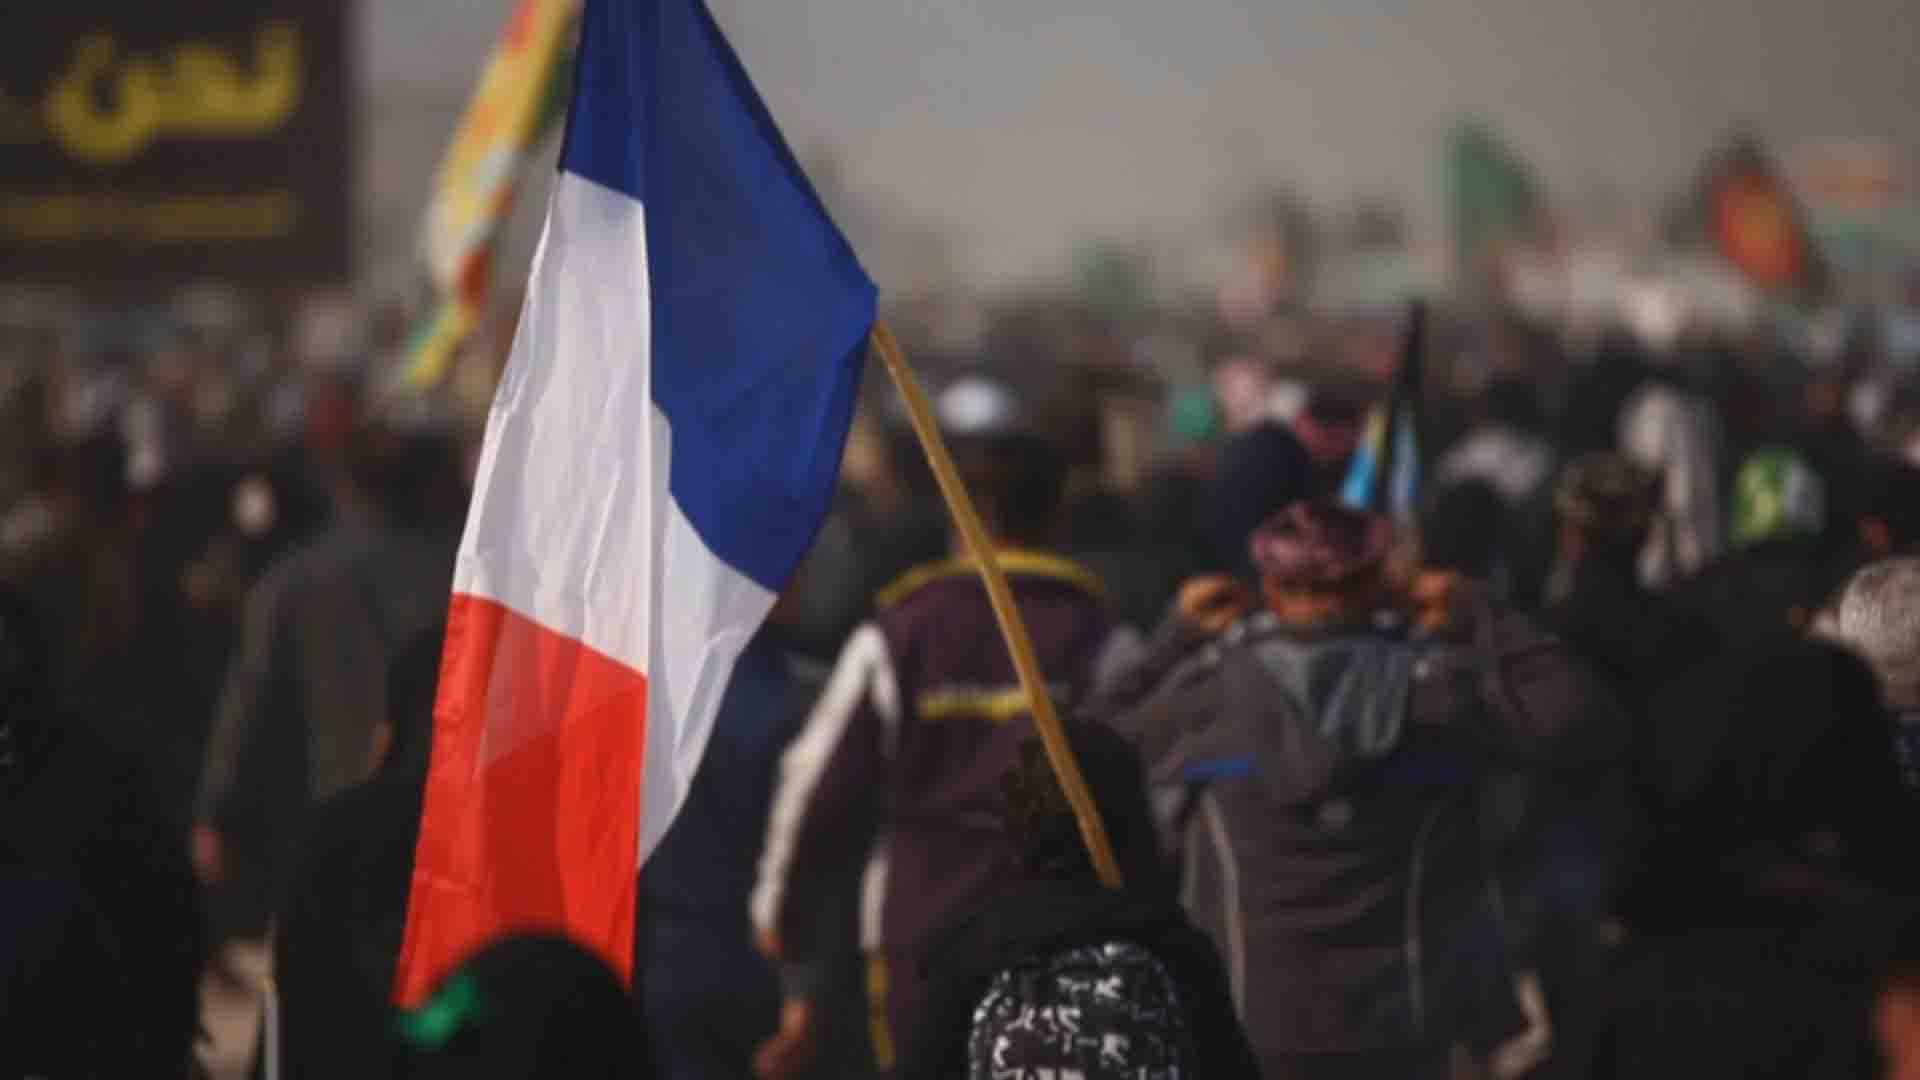 fr.shafaqna - À Mehran, l'imam Hussein déplace des foules iraniennes vers l'Irak3